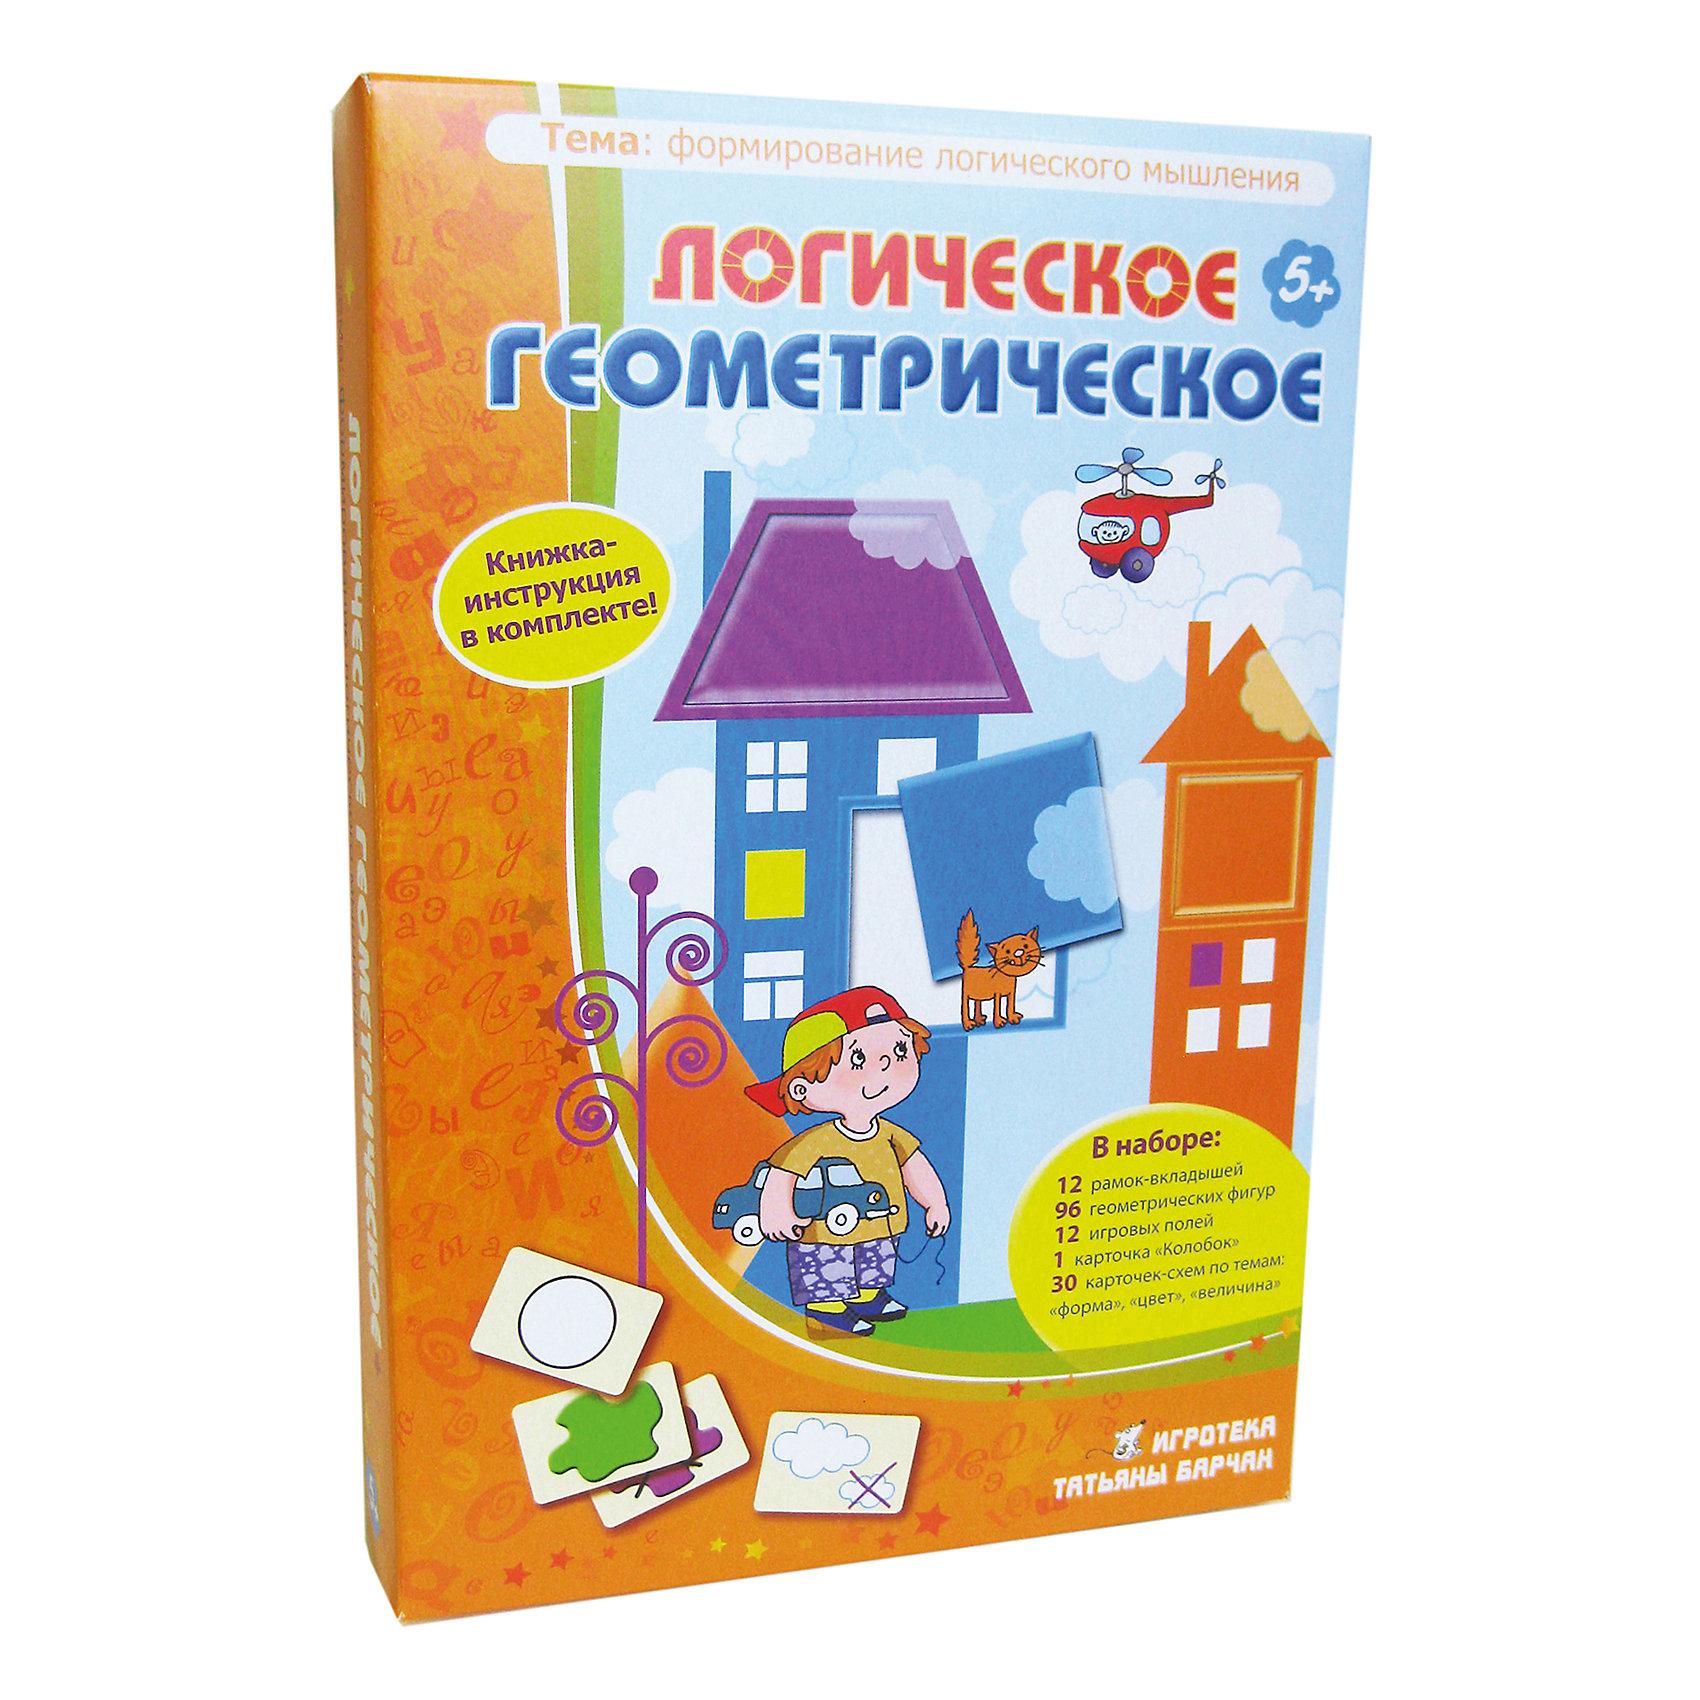 Логическое Геометрическое, Игротека Татьяны БарчанВикторины, ребусы<br>Логическое Геометрическое, Игротека Татьяны Барчан.<br><br>Характеристики:<br><br>• Для детей в возрасте: от 5 до 7 лет<br>• В комплекте: 12 двухсторонних рамок-вкладышей; 96 геометрических фигур; 12  полей для игры в лото; 30 карточек-схем по темам: «форма»- «цвет»- «величина»; карточка «Колобок»; брошюра с описанием заданий<br>• Тема: Формирование логического мышления<br>• Материал: плотный качественный картон<br>• Производитель: ЦОТР Ребус (Россия)<br>• Упаковка: картонная коробка<br>• Размер упаковки: 267х180х40 мм.<br>• Вес: 606 гр.<br><br>В этой коробке – очень большой материал для занятий с малышами от 5-ти лет. Все игры объединяет одно: геометрические фигурки (восемь форм шести цветов). Задания – разные по уровню сложности и темам: от простых рамок-вкладышей до классической игры «найди 9-ю фигурку». <br><br>Все варианты заданий – «творческие мозаики», «логические змейки», четвёртые лишние» и психологические тесты» - описаны в брошюре. Вот некоторые темы игр: геометрические фигуры, творческое моделирование, комбинаторика, выбор по аналогии, закономерности. <br><br>Играть можно одному, вдвоем или целой командой. В процессе игры ребенок научится находить предмет по его признакам, подмечать сходства предметов, находить исключения и закономерности, разовьет зрительную память и внимание.<br><br>Игру Логическое Геометрическое, Игротека Татьяны Барчан можно купить в нашем интернет-магазине.<br><br>Ширина мм: 270<br>Глубина мм: 180<br>Высота мм: 40<br>Вес г: 600<br>Возраст от месяцев: 60<br>Возраст до месяцев: 84<br>Пол: Унисекс<br>Возраст: Детский<br>SKU: 6751326